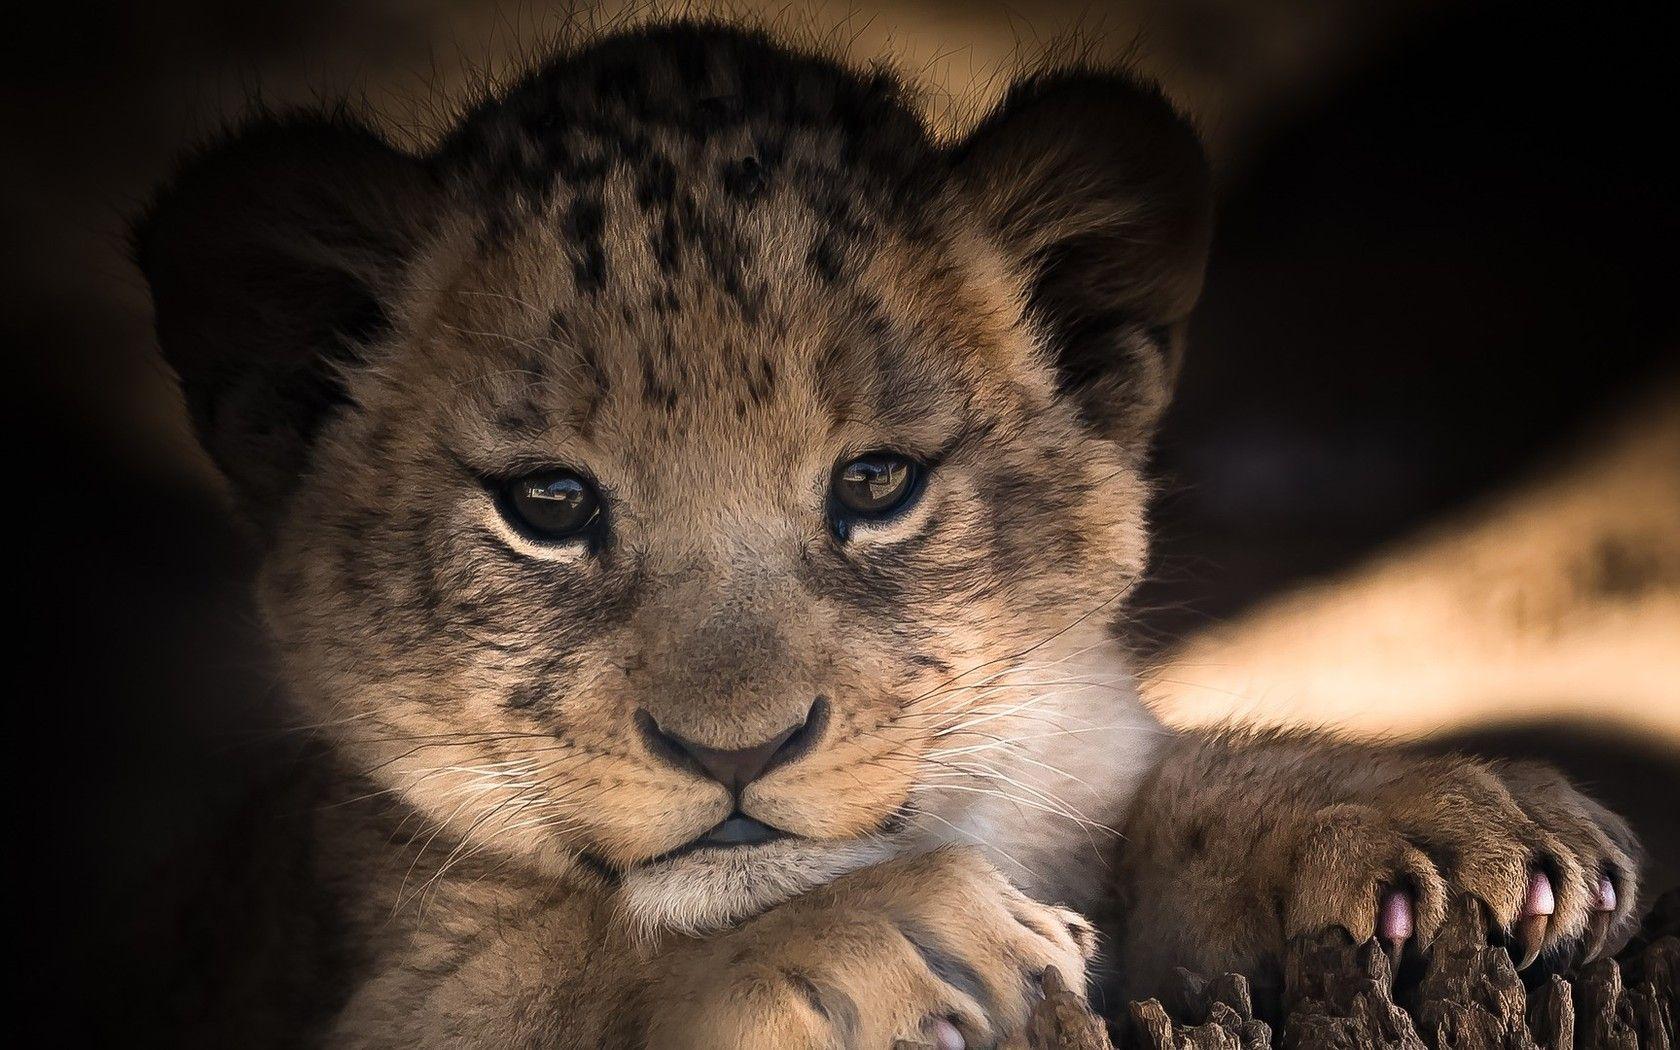 Wallpaper Et Fond D Ecran Bebe Tigre Animal Bebe Tigre Lionceau Photo Animaux